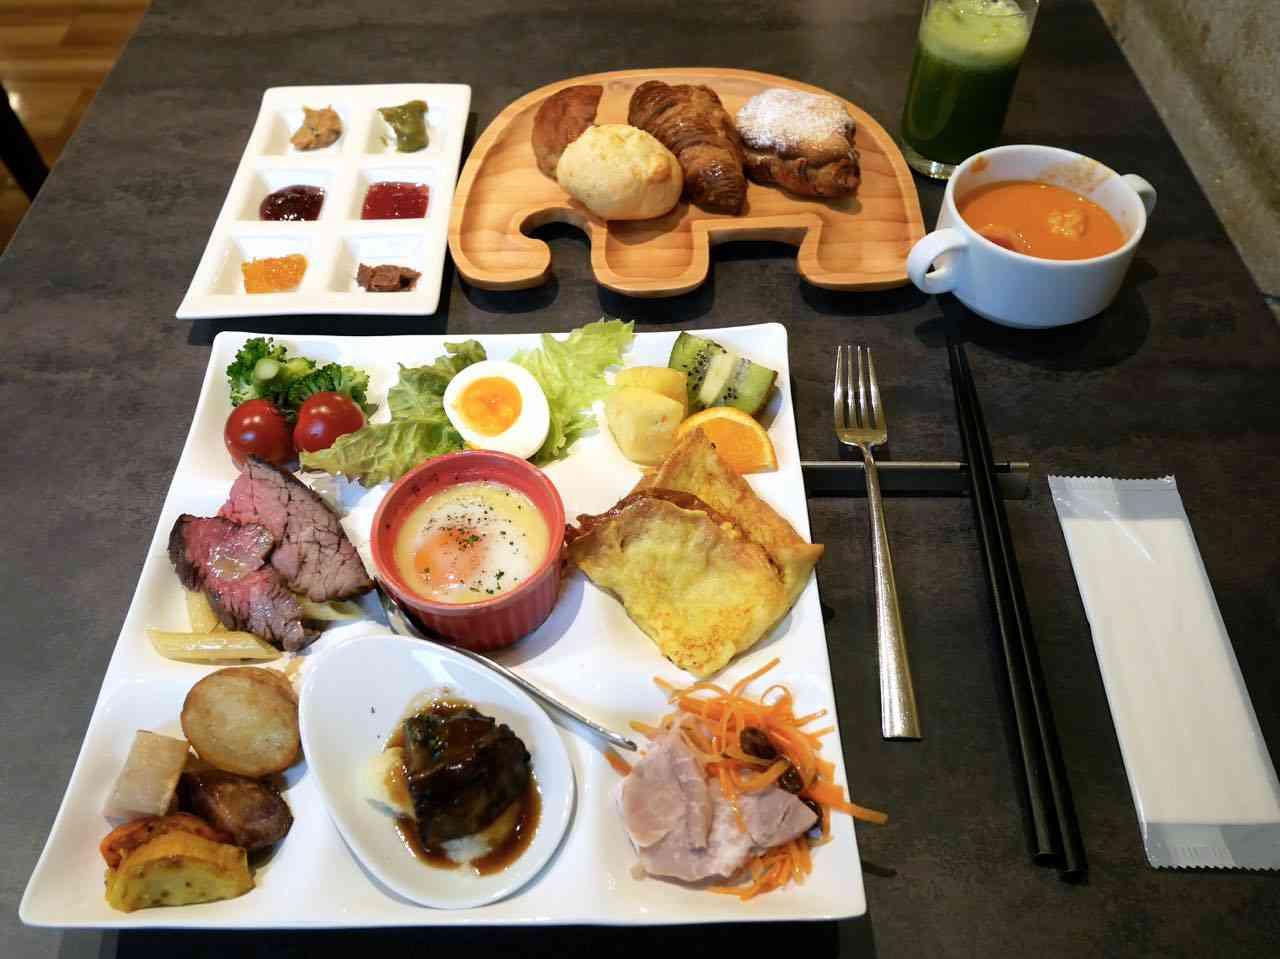 【世界の朝食】日本で一番おいしい朝食を提供する「ホテルピエナ神戸」のこだわり抜いた朝食ビュッフェを食べてきた | GOTRIP! 明日、旅に行きたくなるメディア